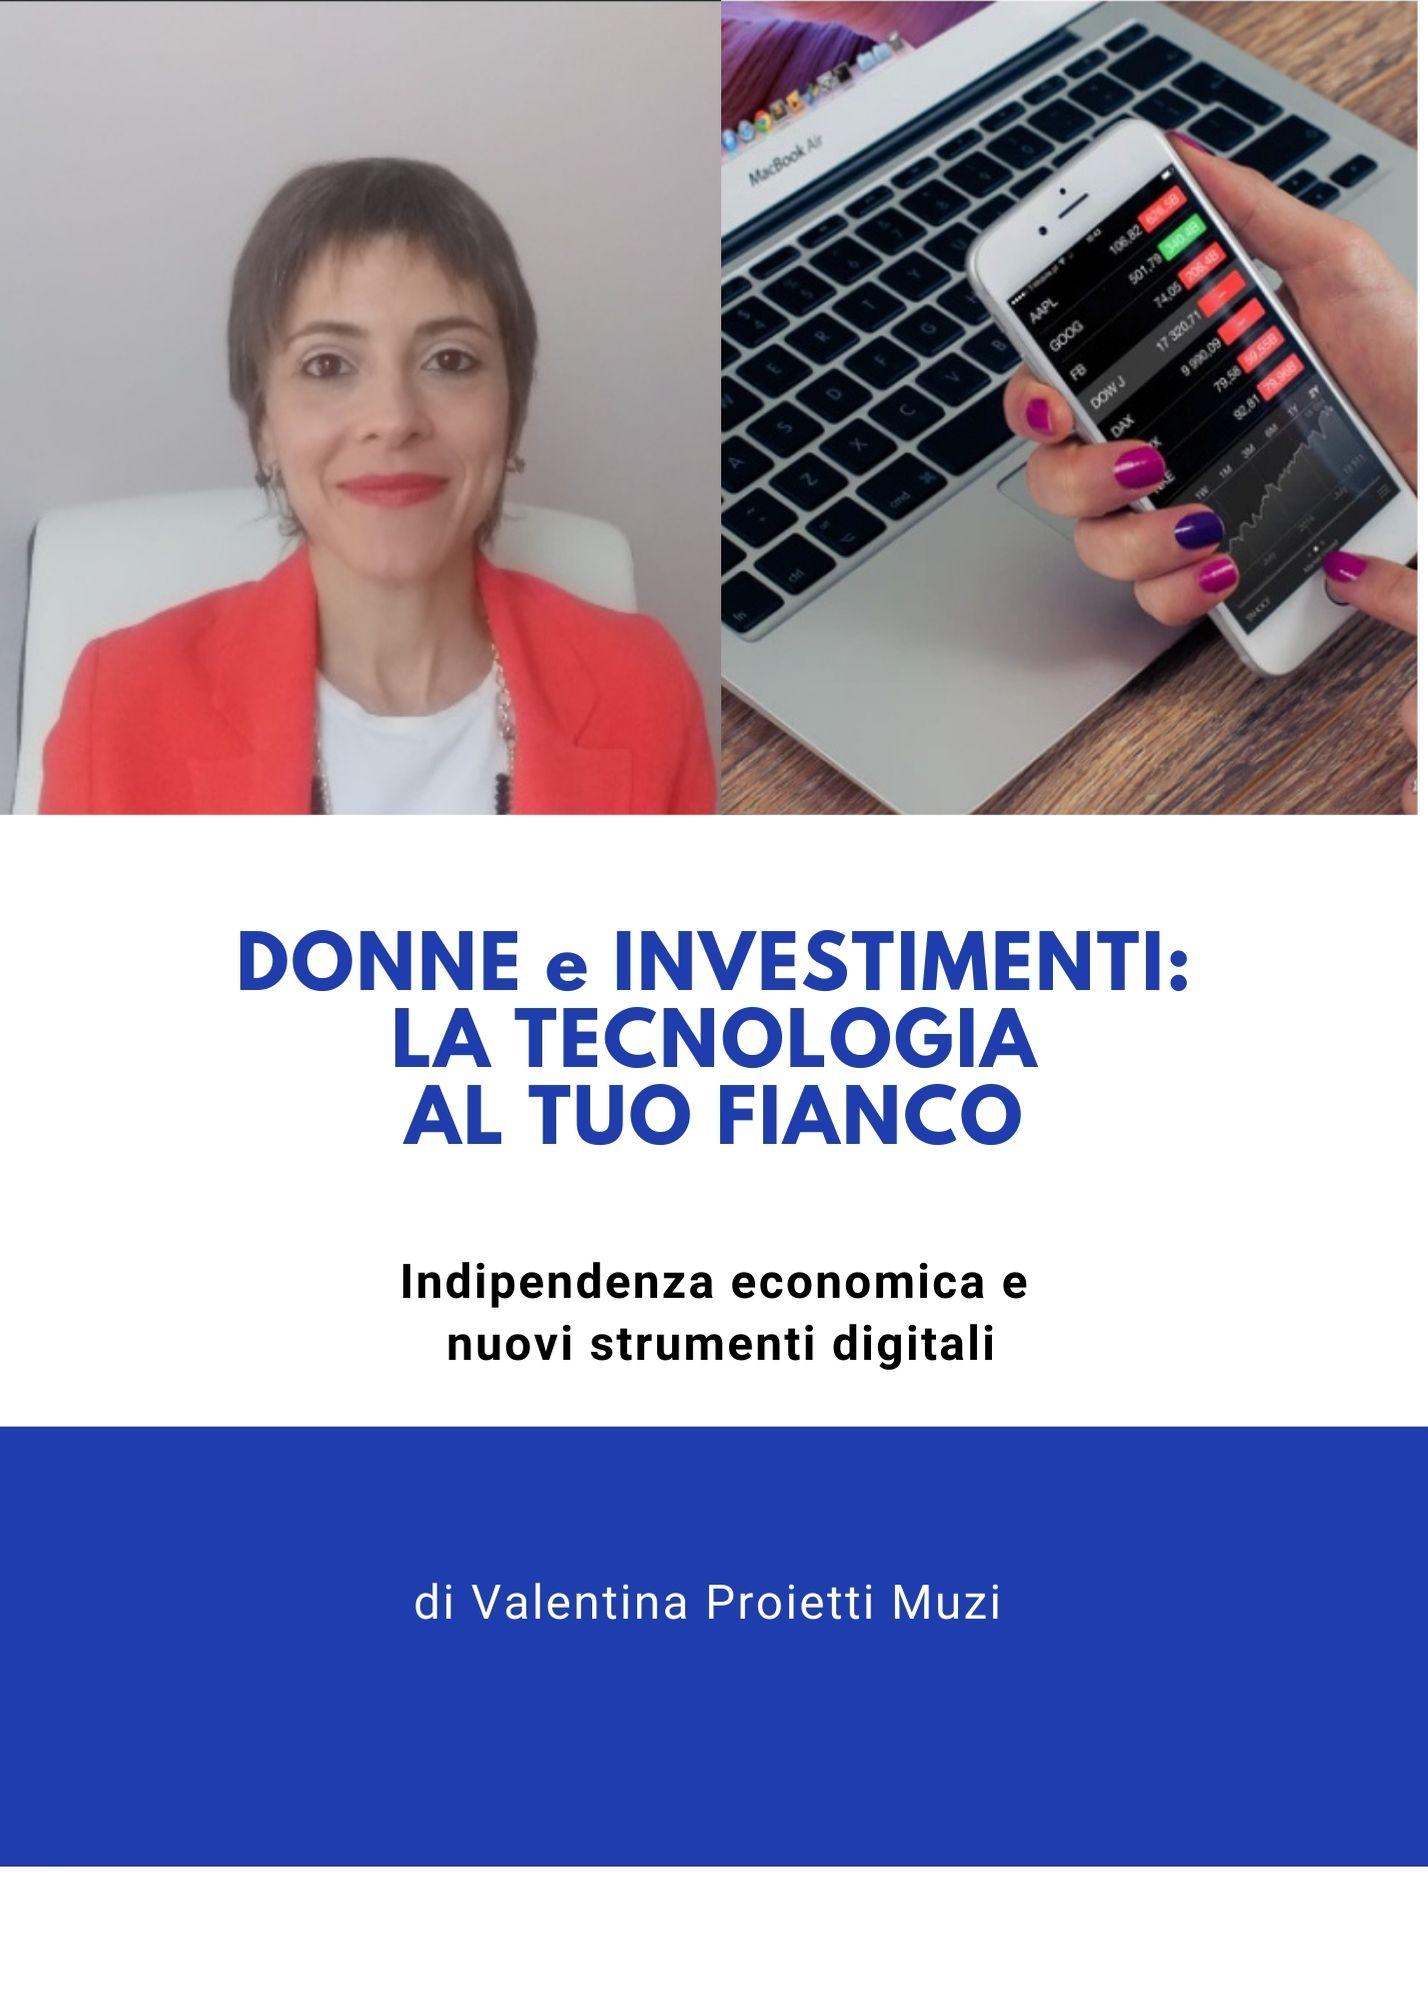 Donne e investimenti: la tecnologia al tuo fianco. Indipendenza economica e nuovi strumenti digitali..